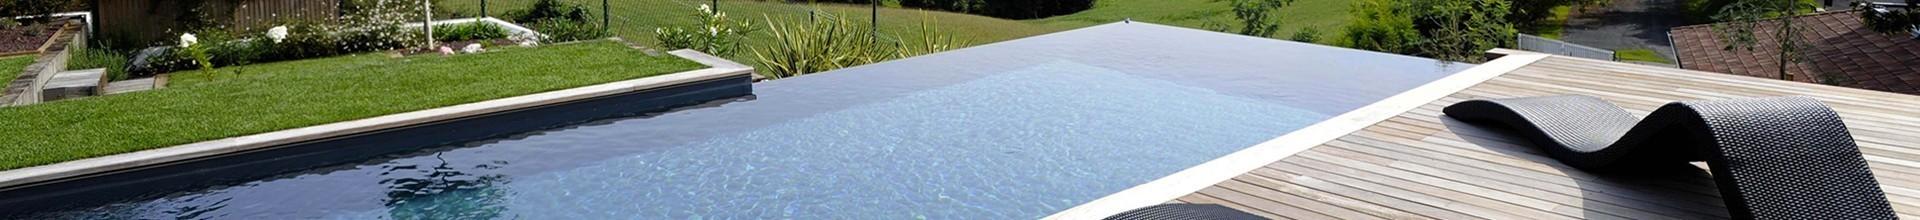 Direct usine, piscine coque prix Loiret